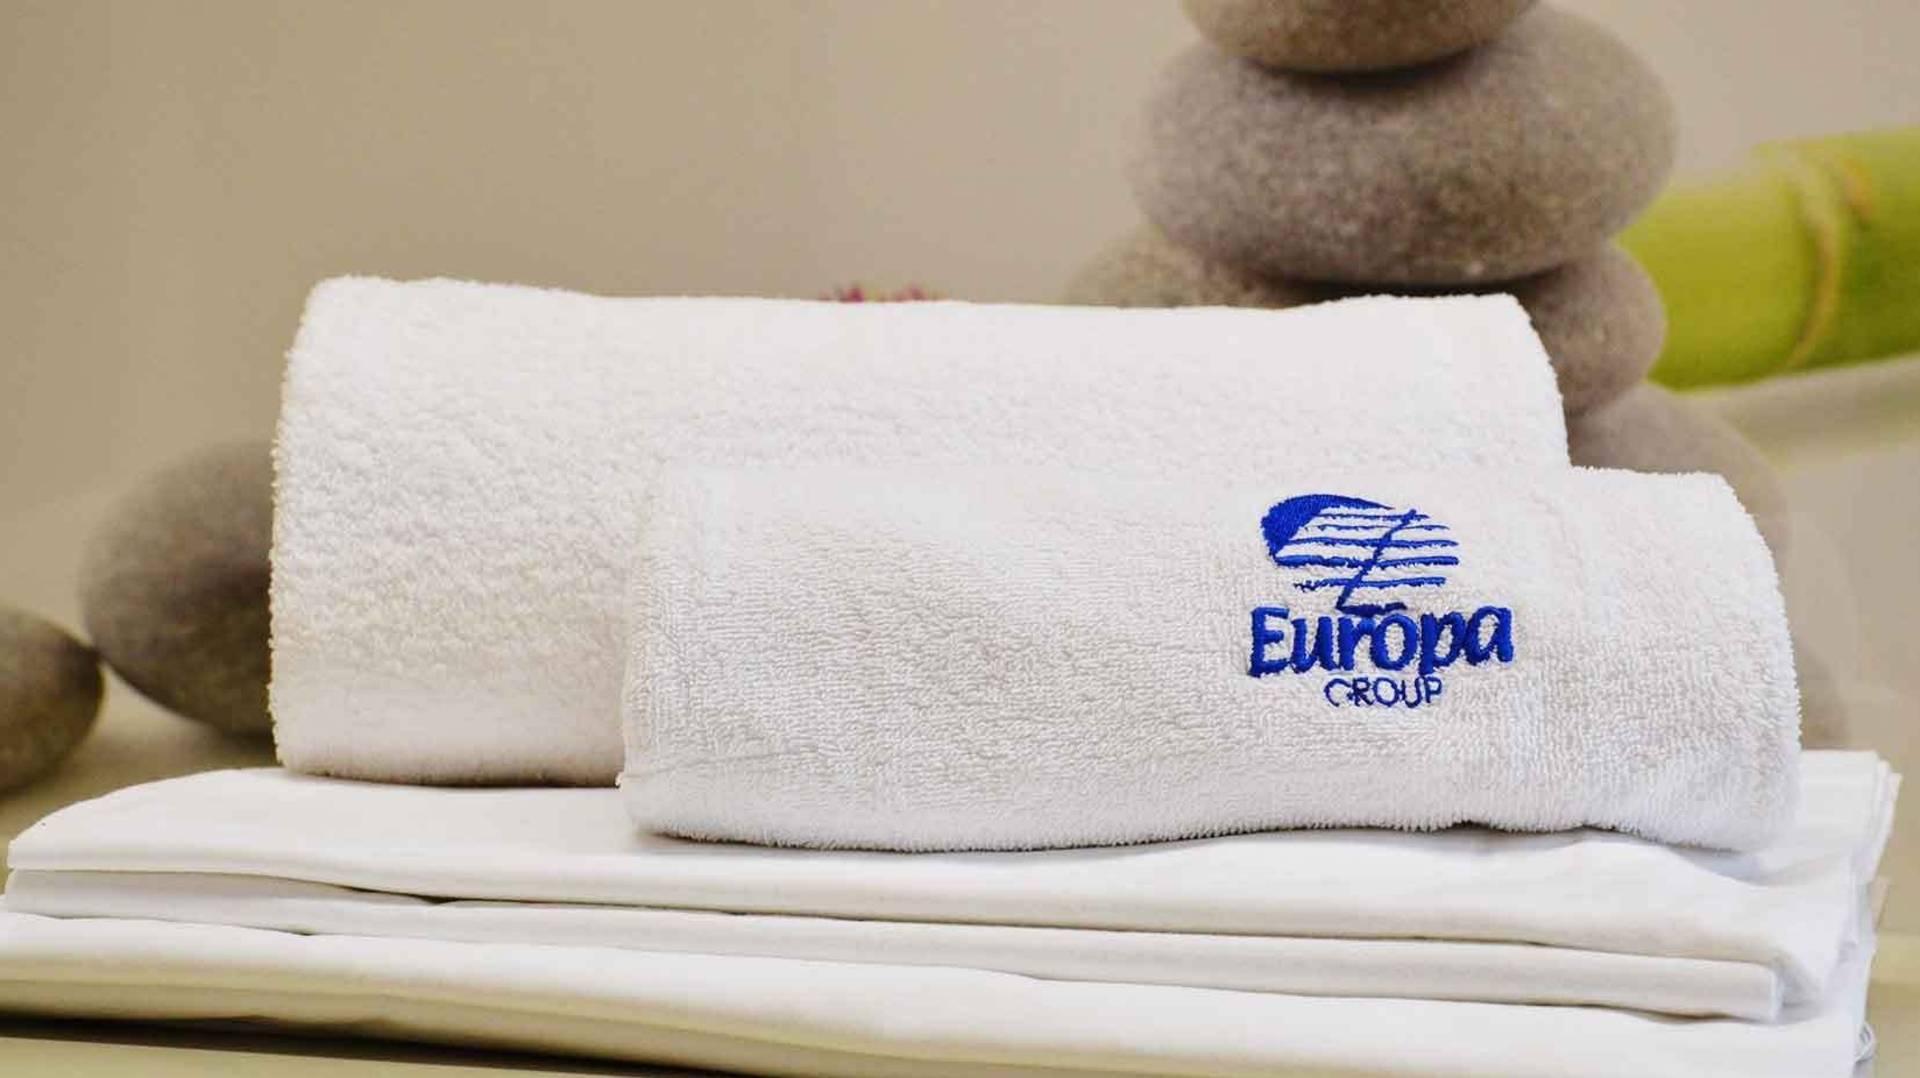 Bettwaescheset Europa Tourist Group